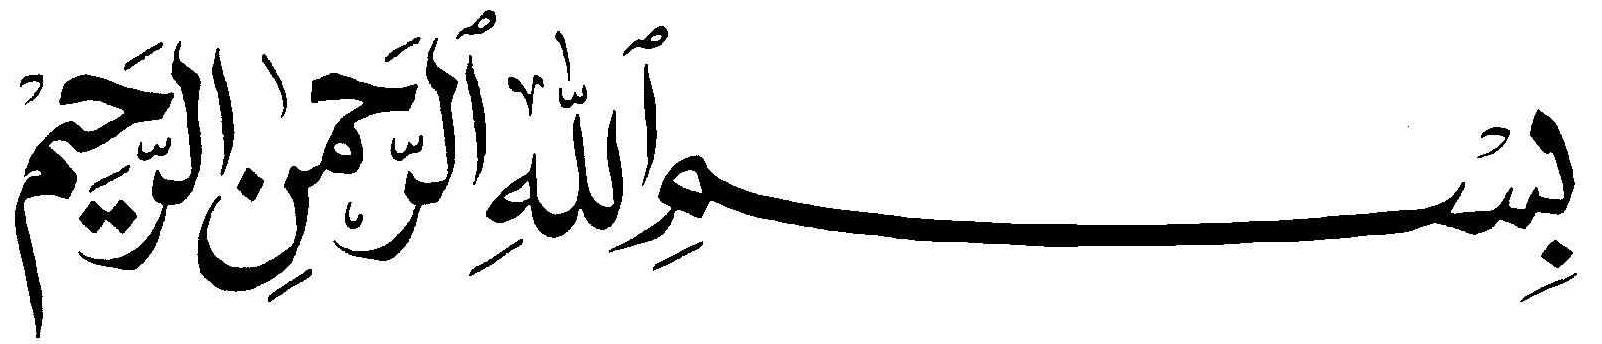 bismillah logo template 04 Надо купить Pinterest